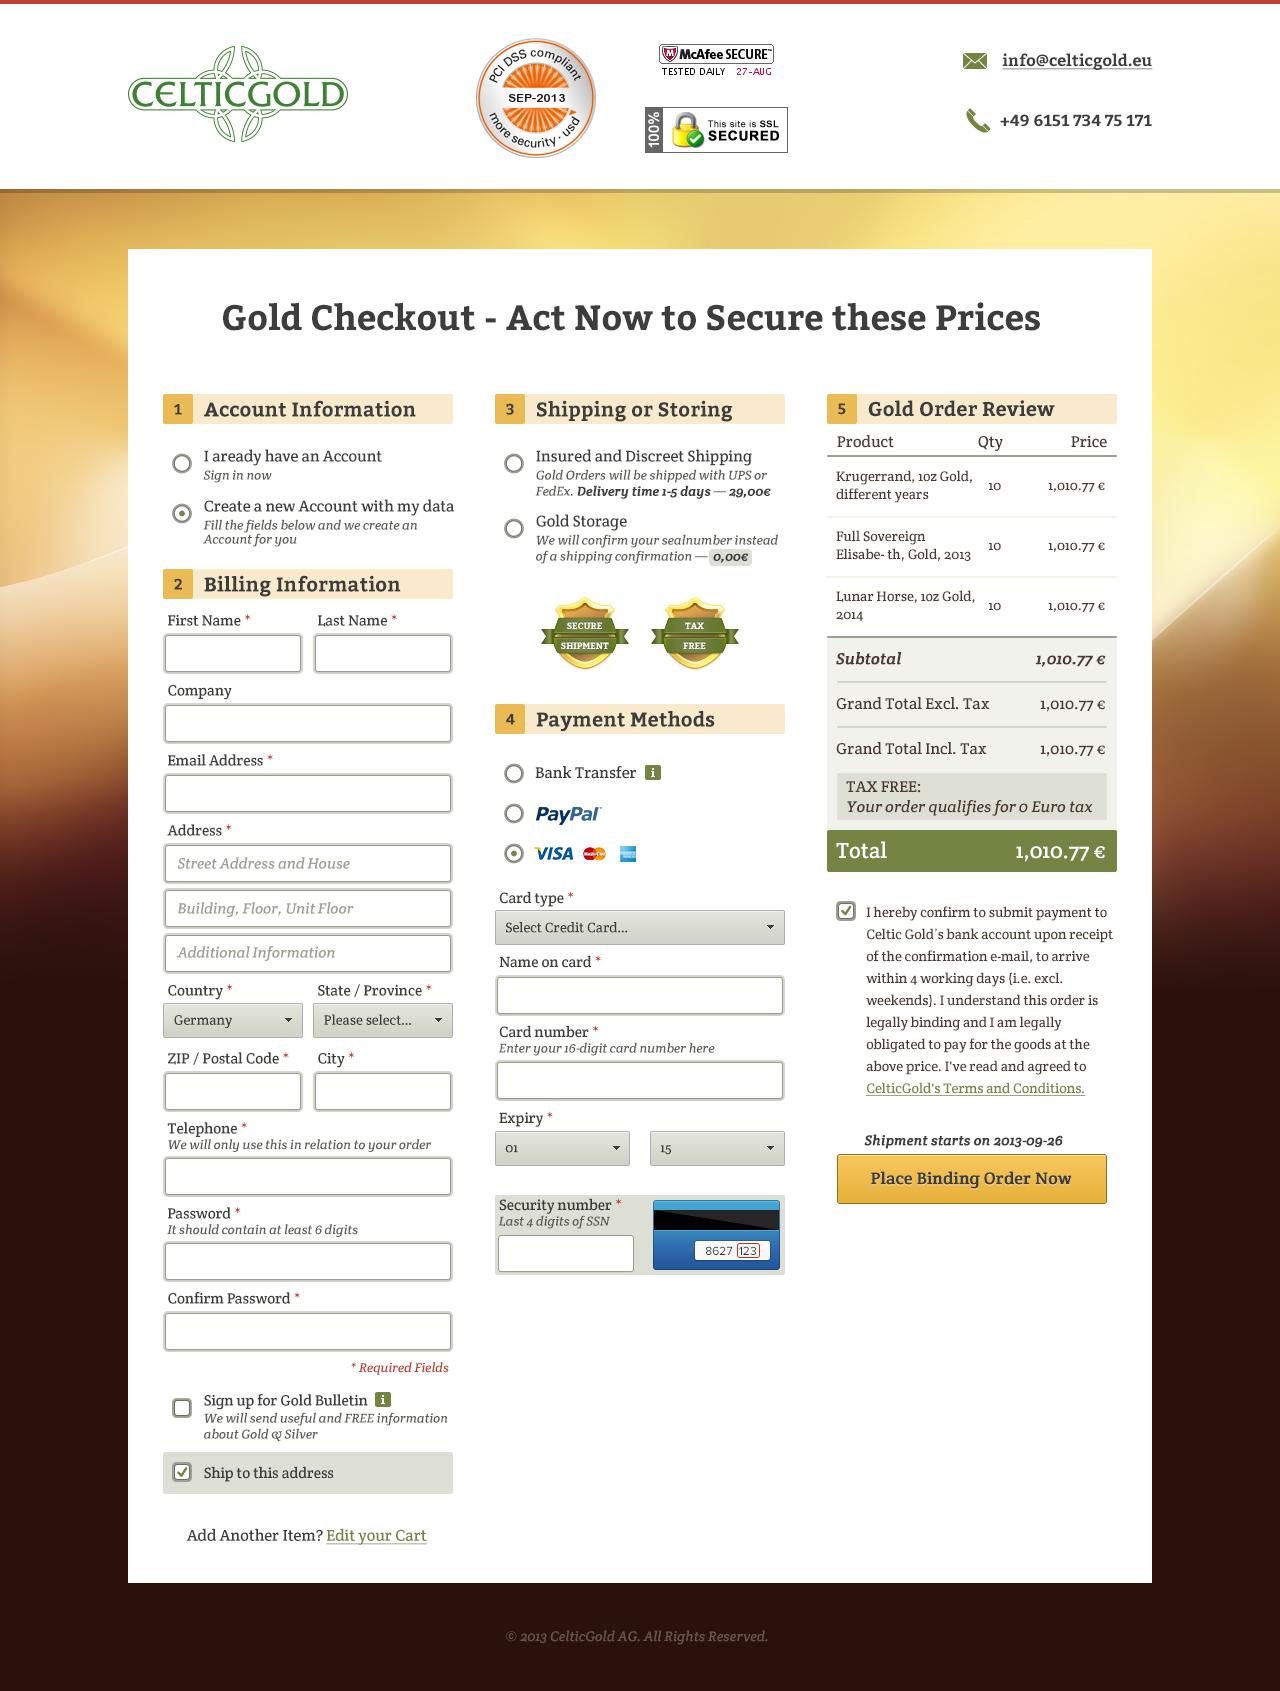 Checkout a v.1.2 gold